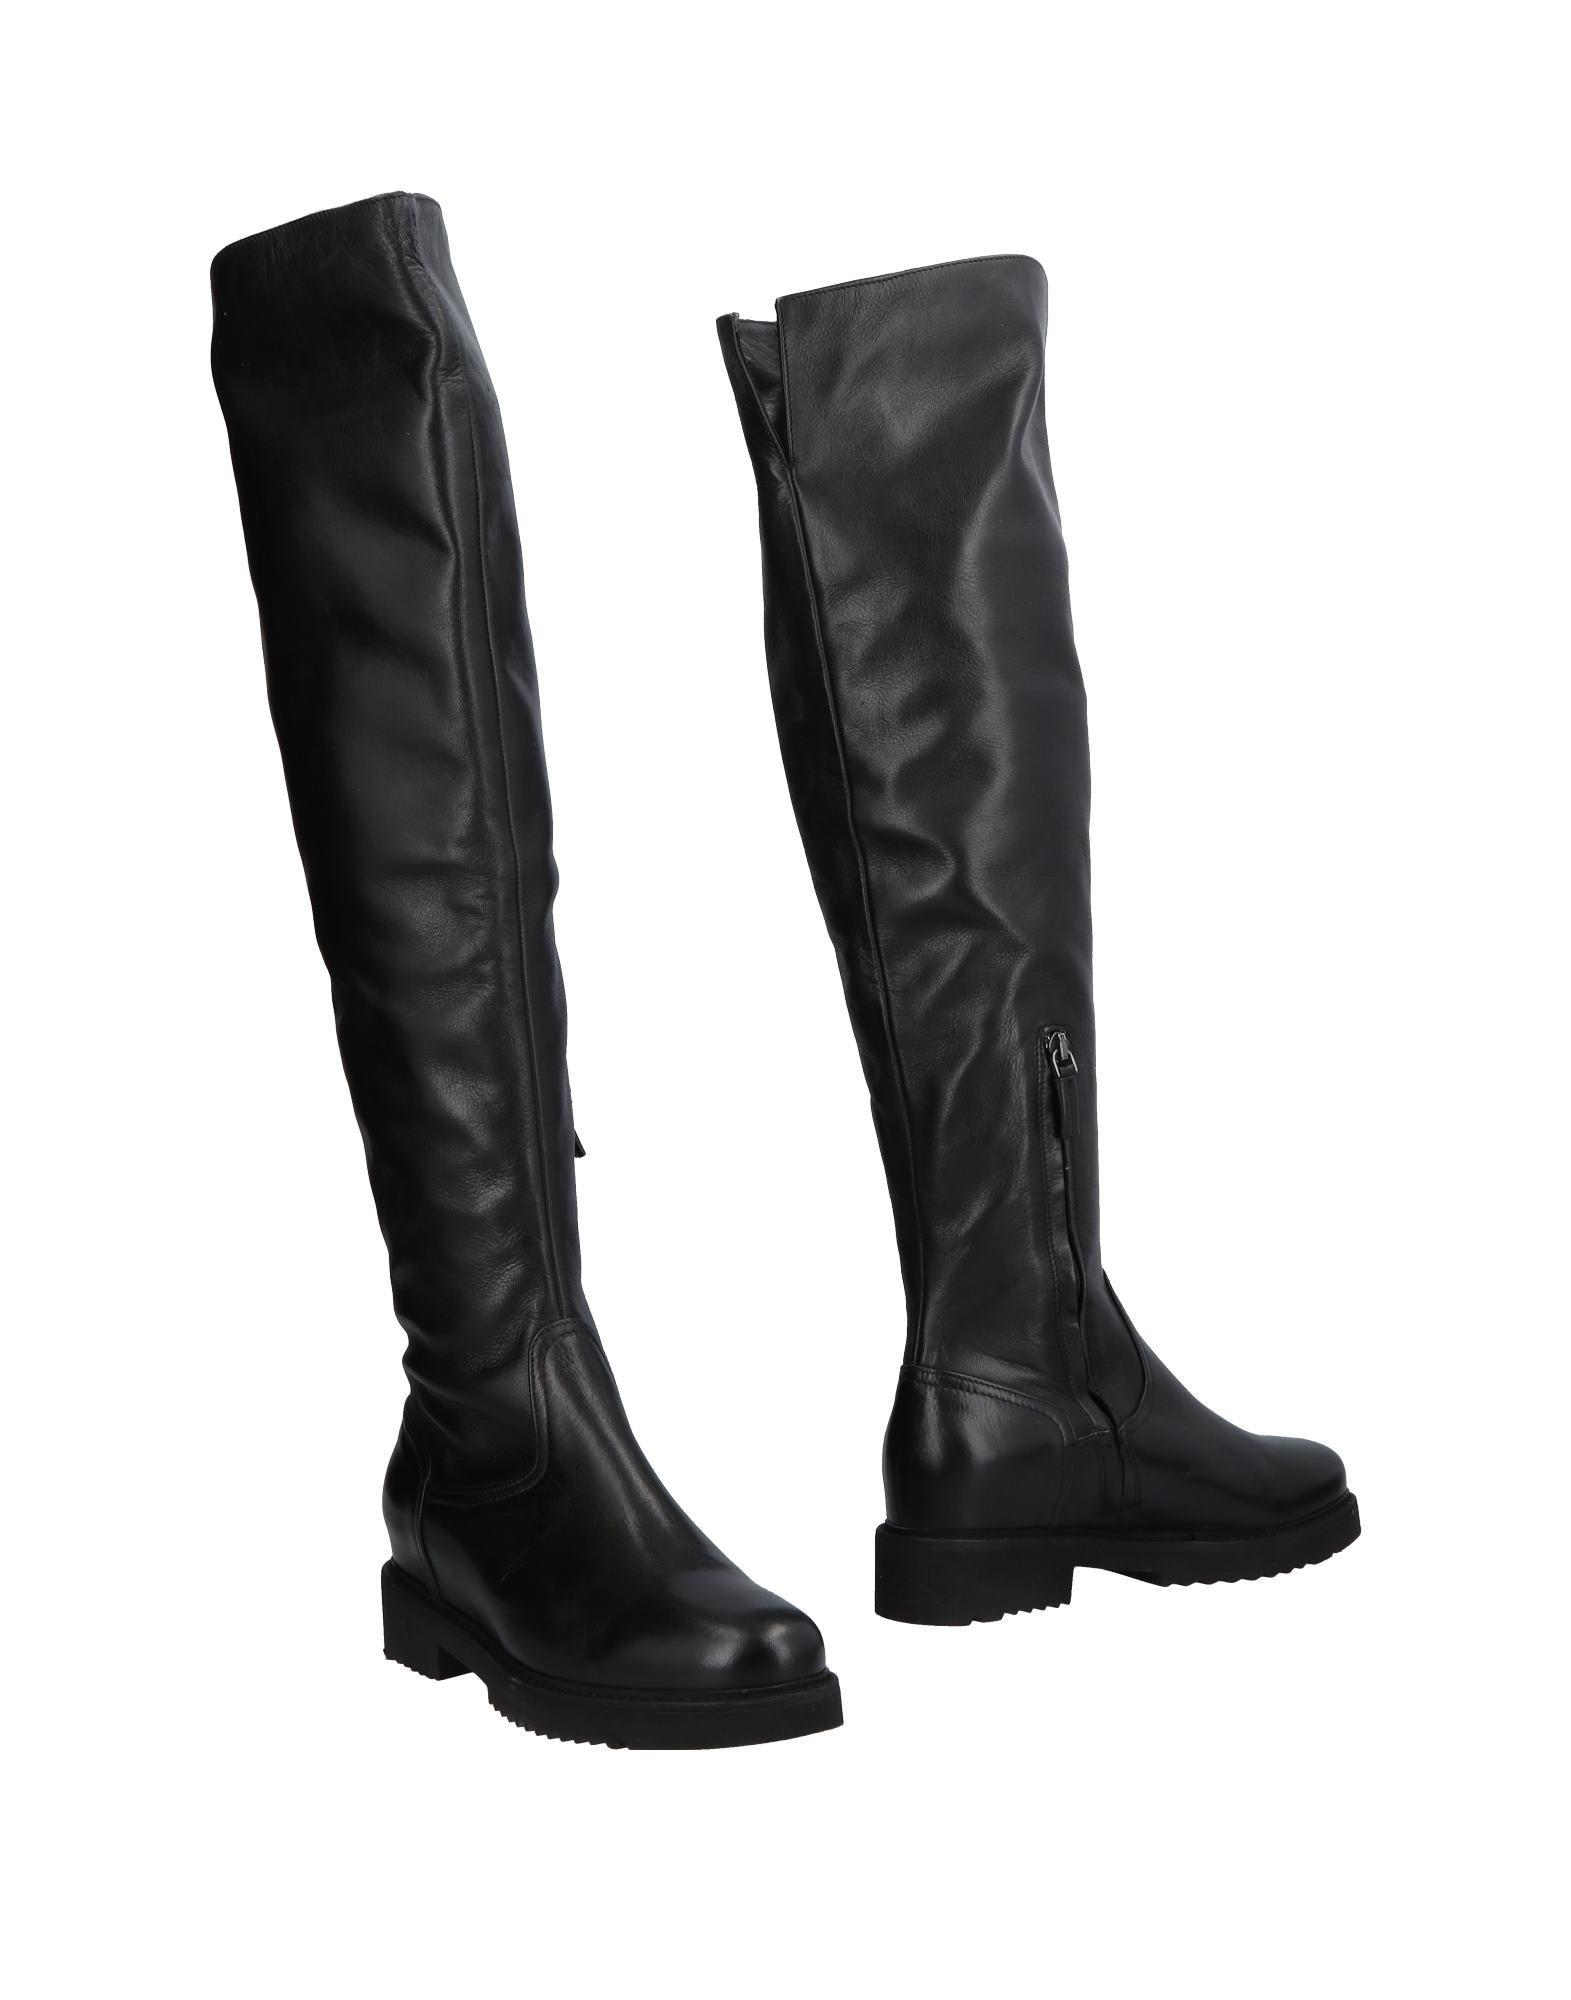 Stilvolle billige Stiefel Schuhe J|D Julie Dee Stiefel billige Damen  11500464FN 411eba